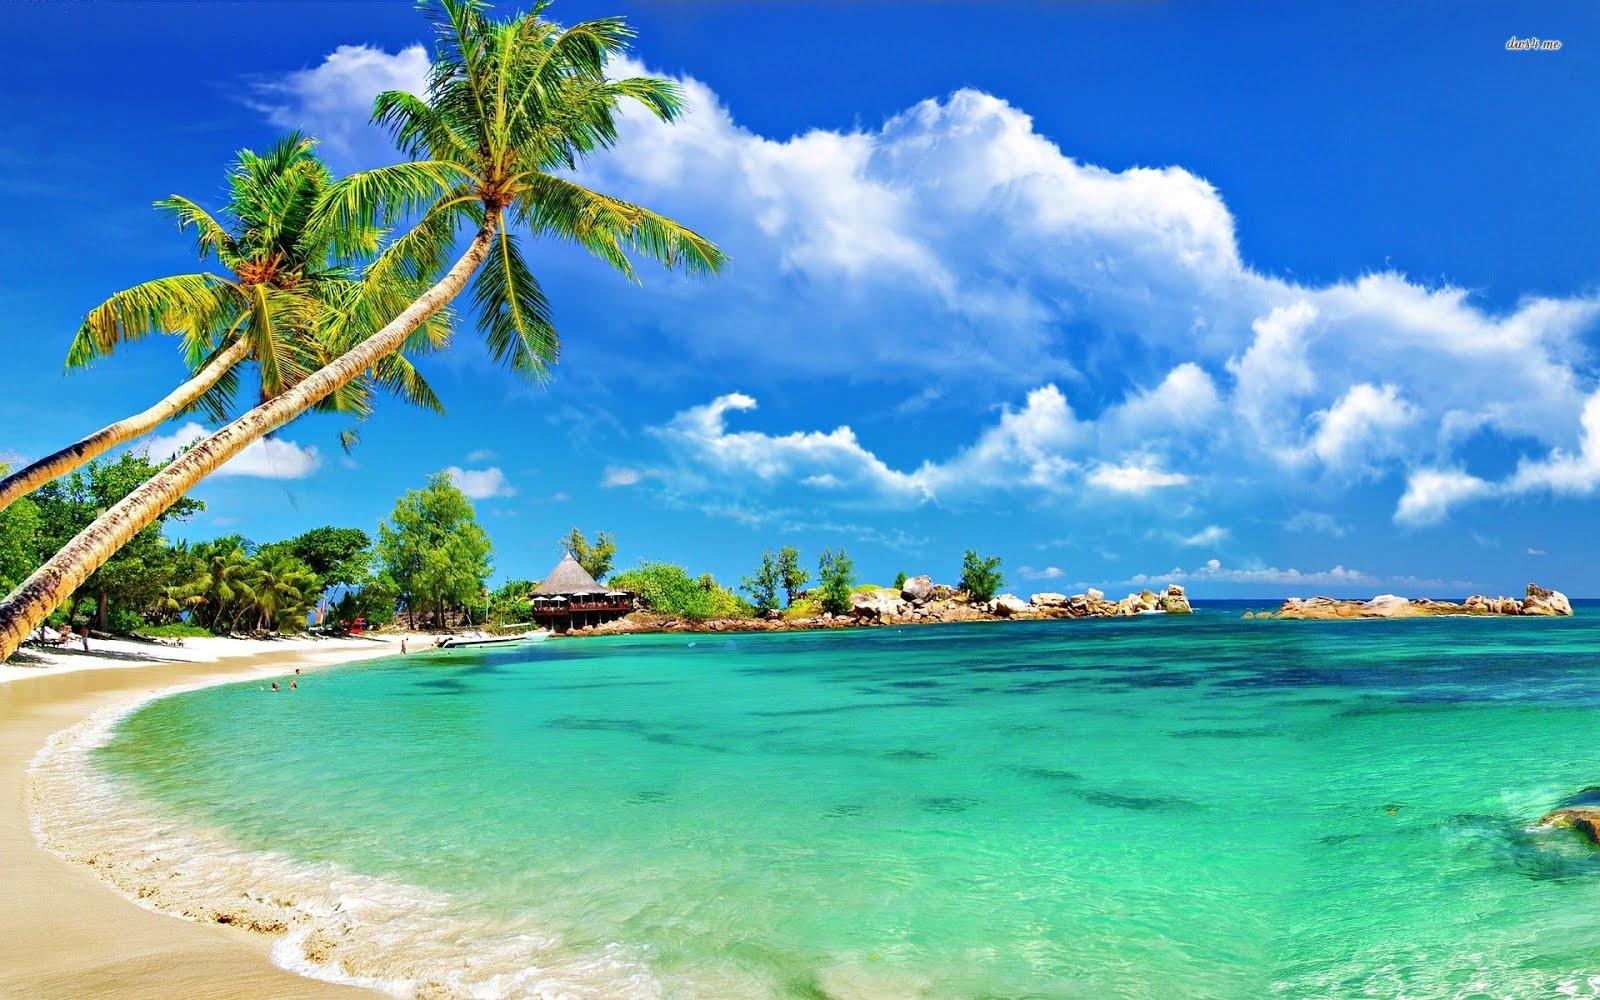 Tropical Paradise Beach Hd Wallpaper For Nexus 7 Screens: Hình Ảnh Những Bãi Biển Đẹp Nhất Thế Giới